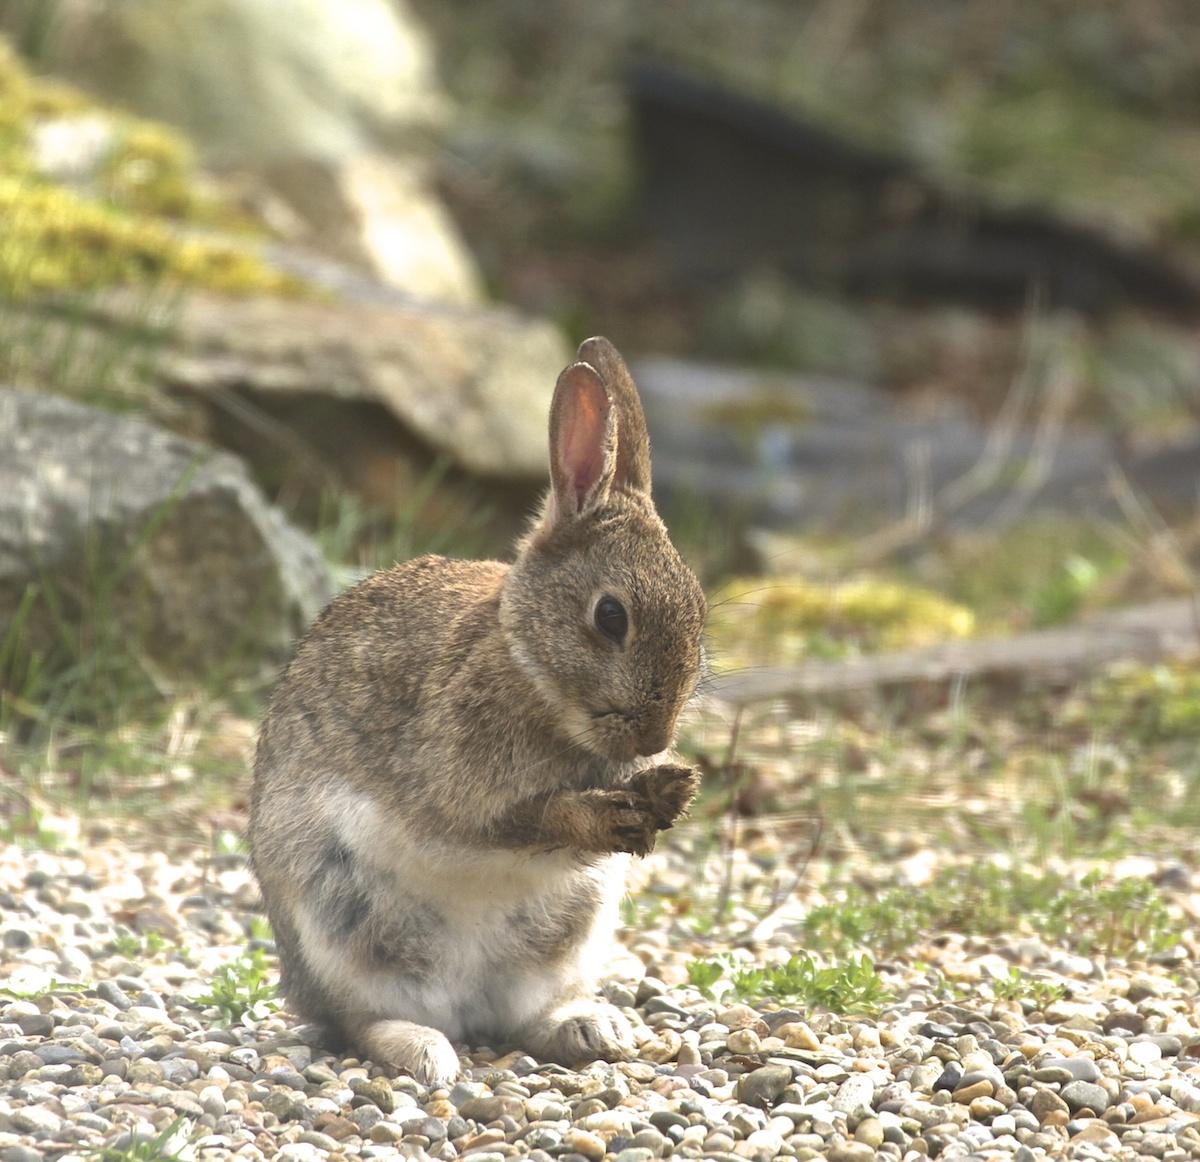 rabbit-paw-washing